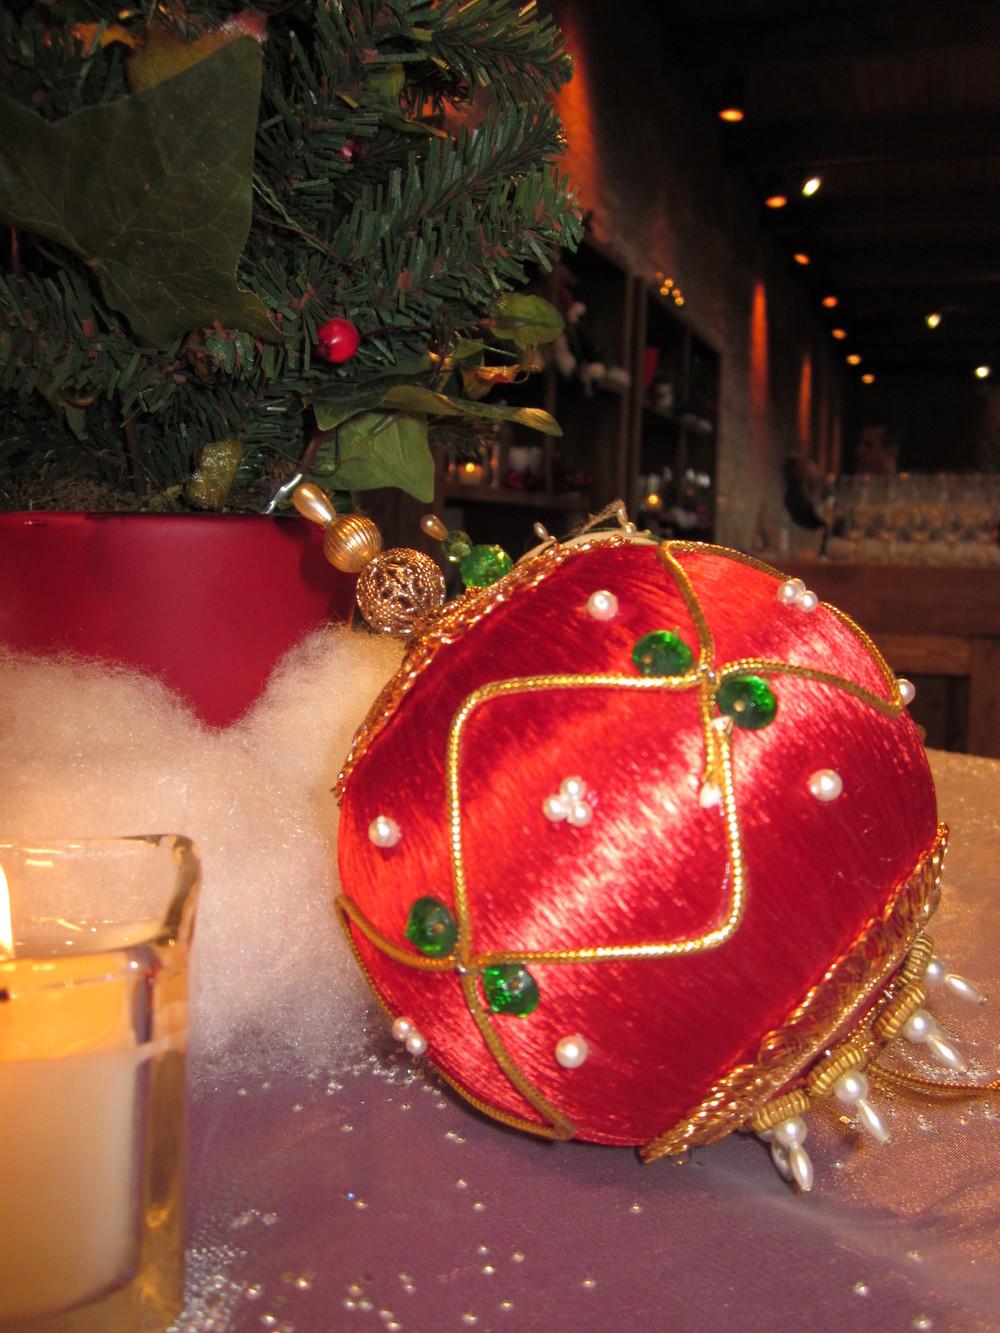 G1028.Ornament.Centerpiece.jpg